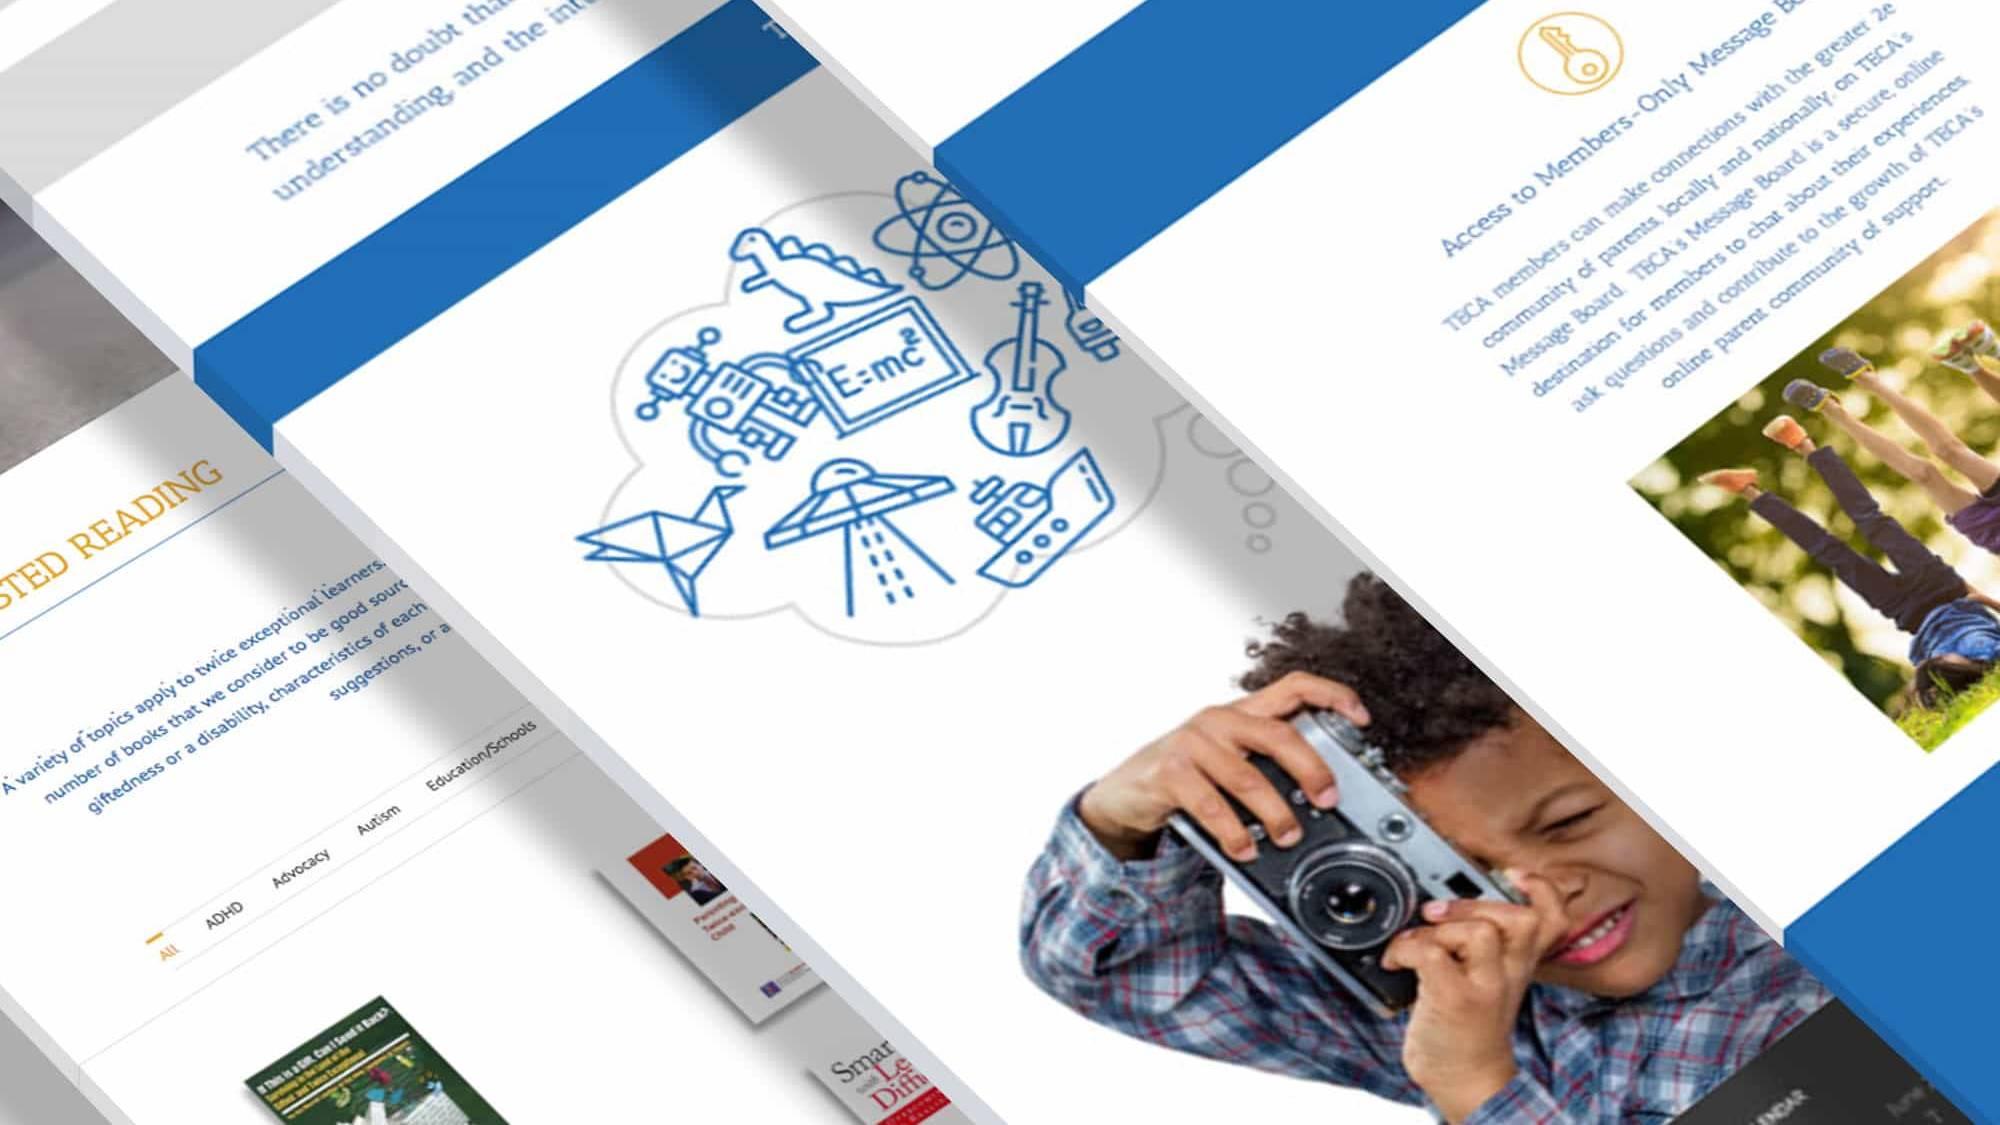 TECA Website